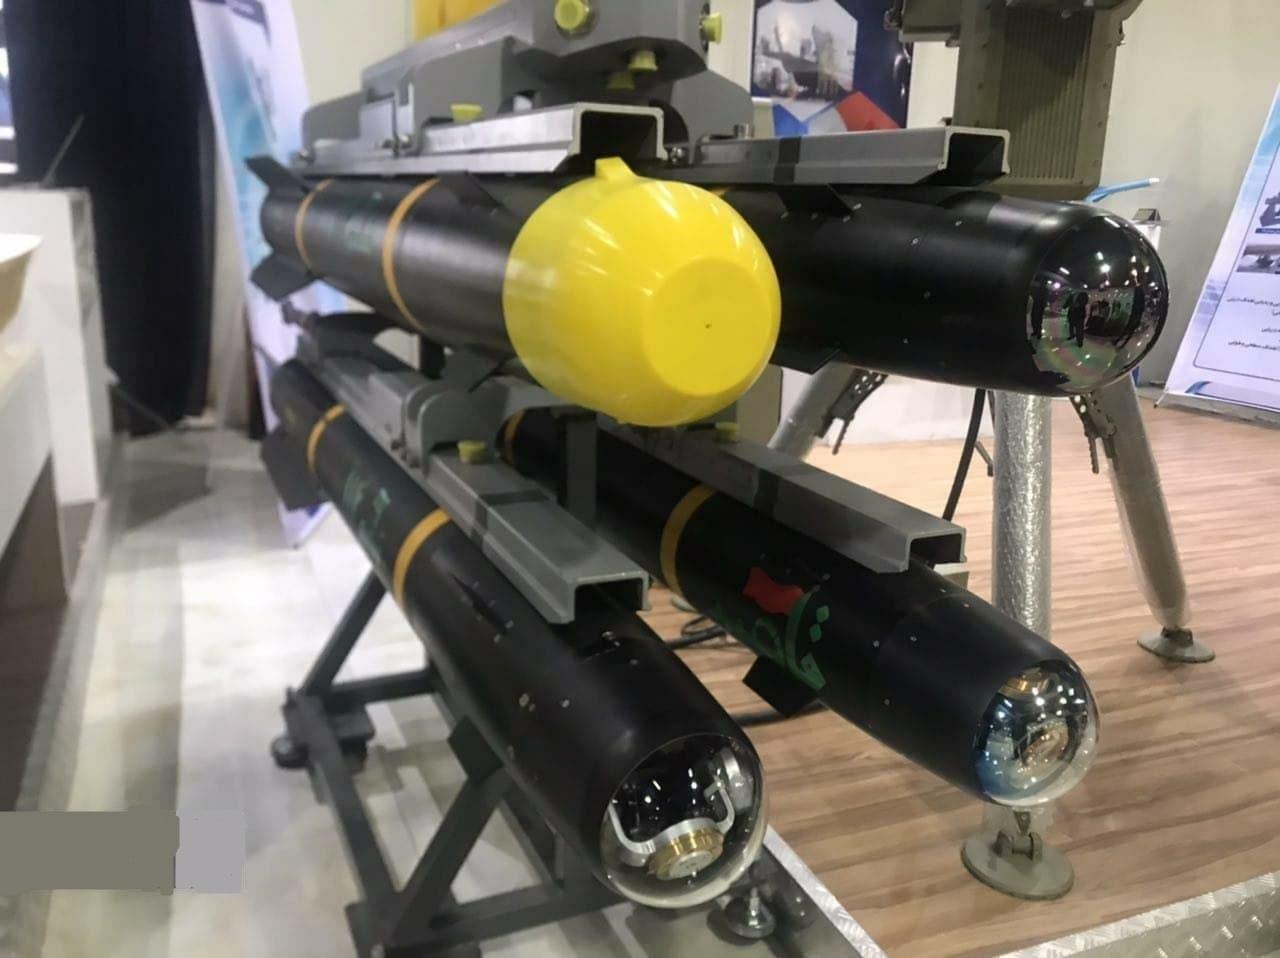 Tên lửa chống tăng không đối đất Ghaem-114 của Iran. Ảnh: TASS.